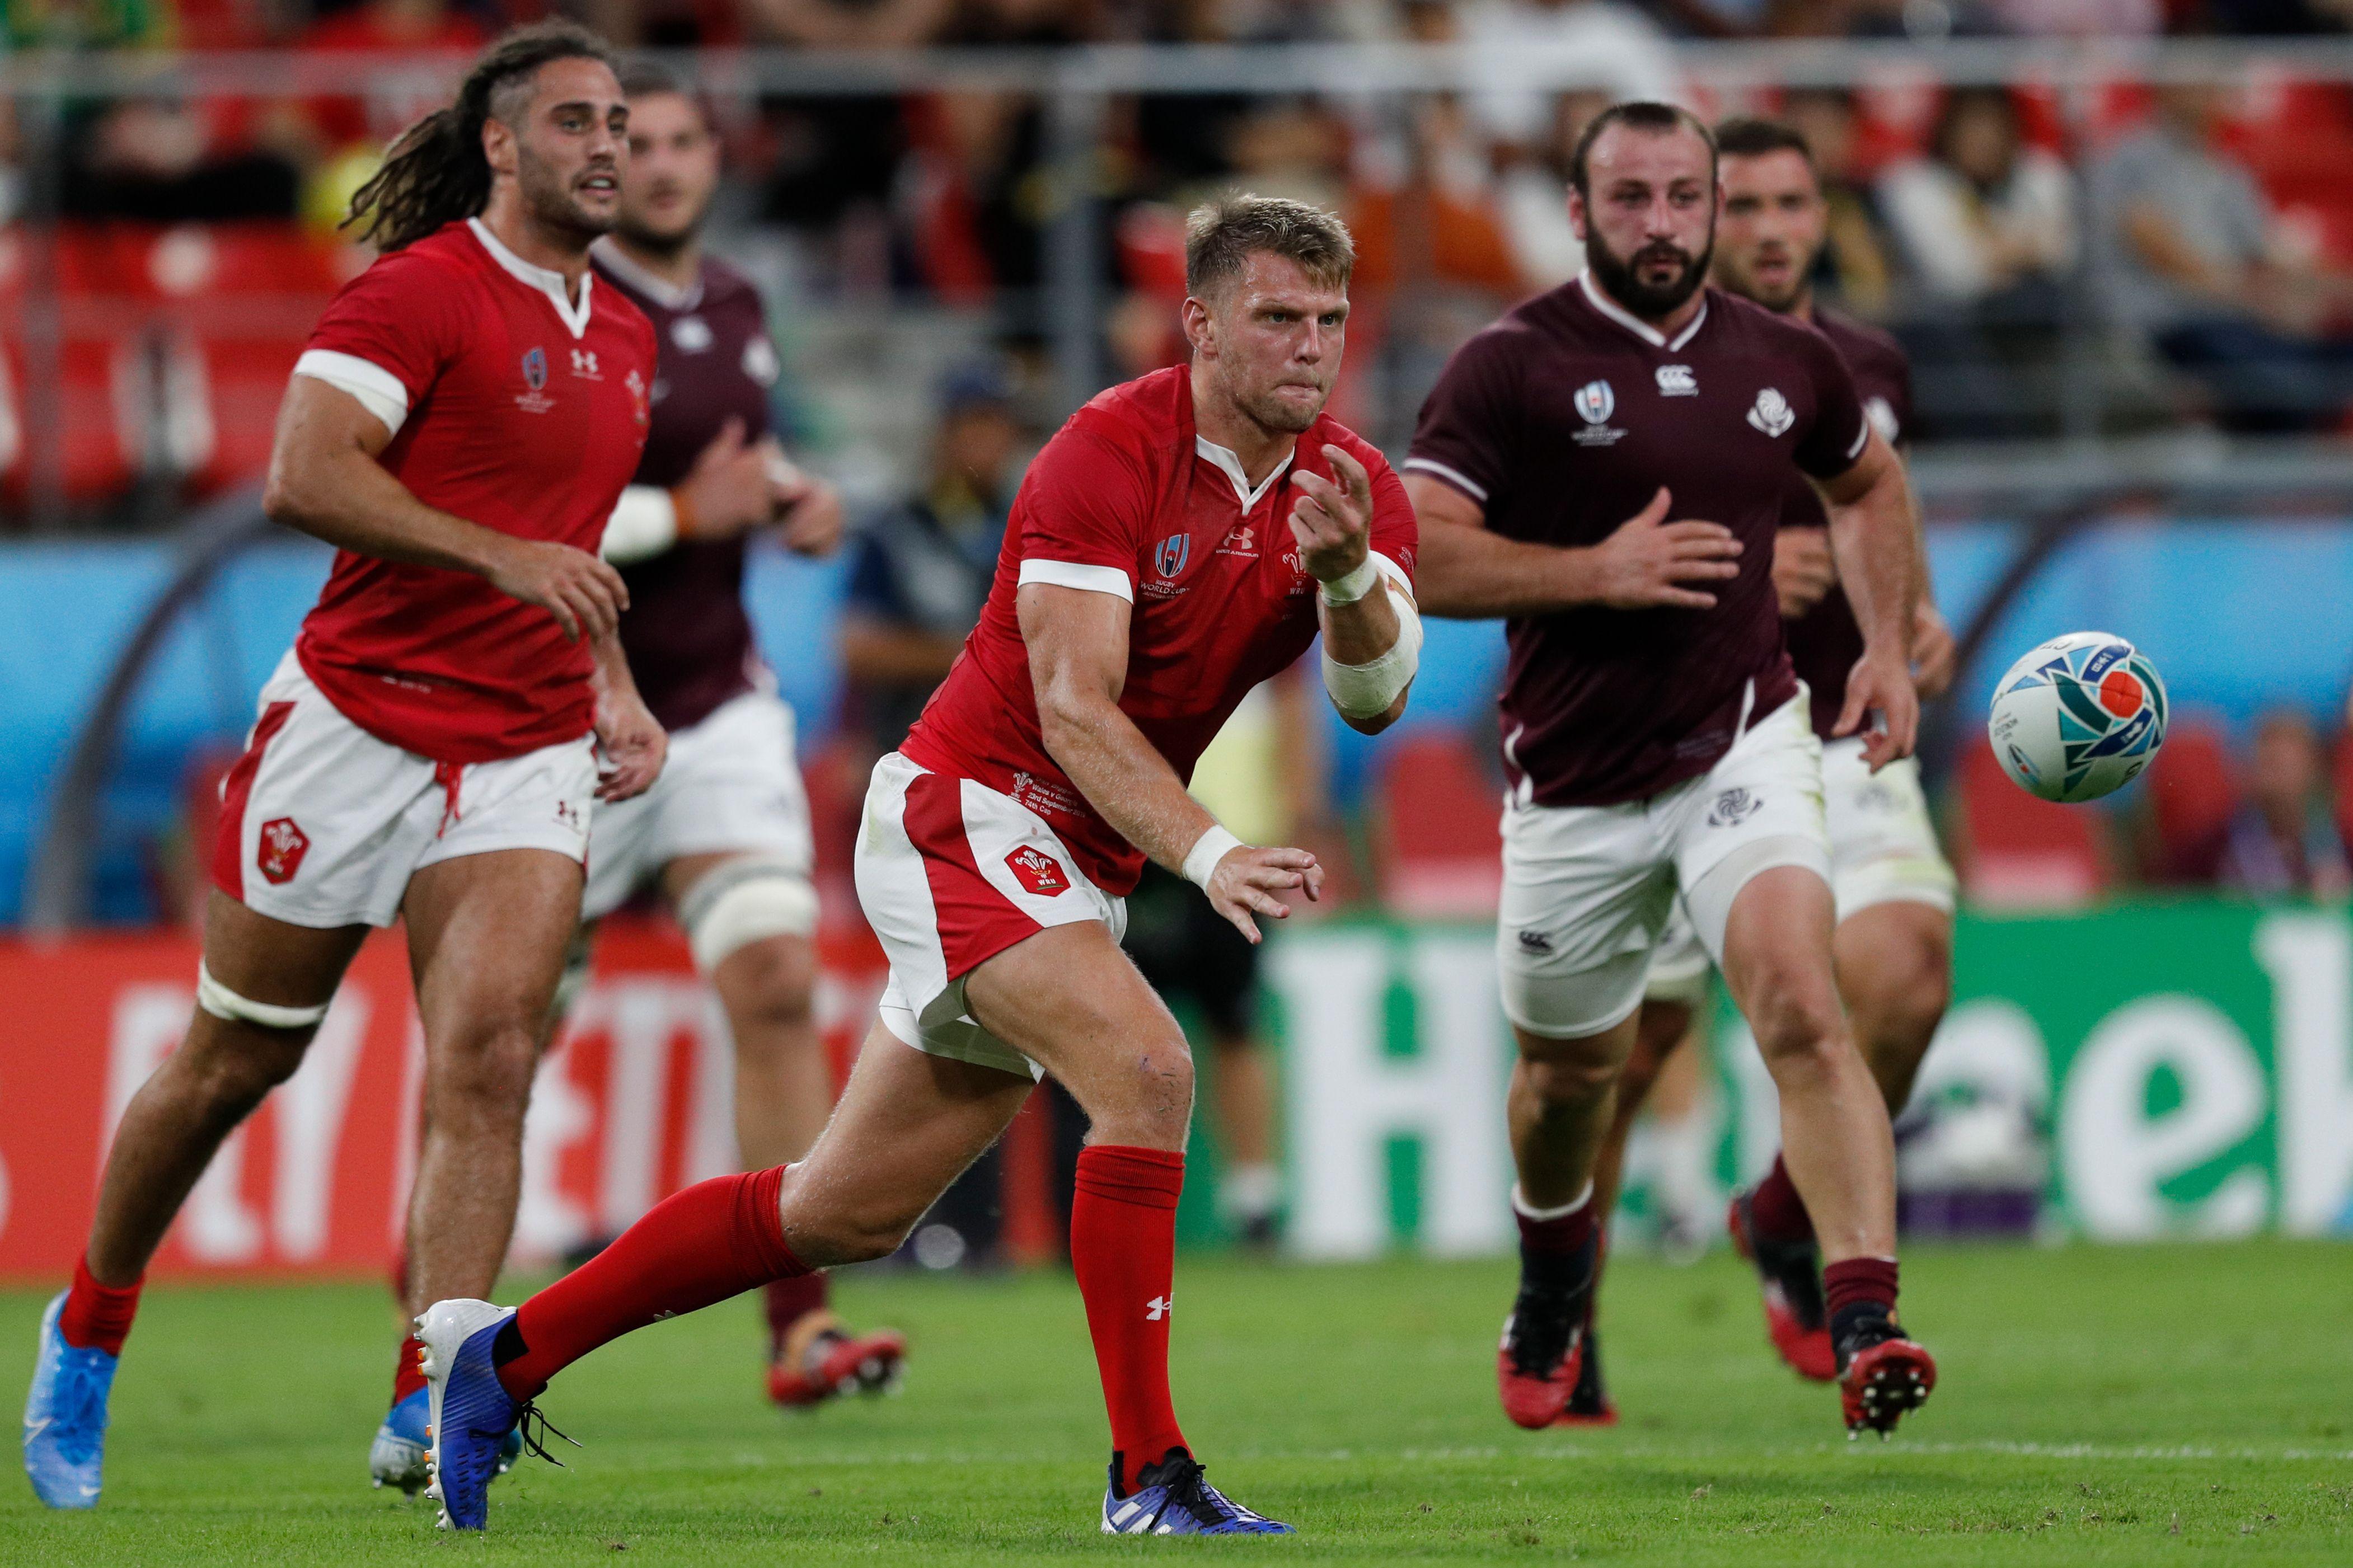 Wales v australia 2021 betting genoa v lazio betting preview nfl